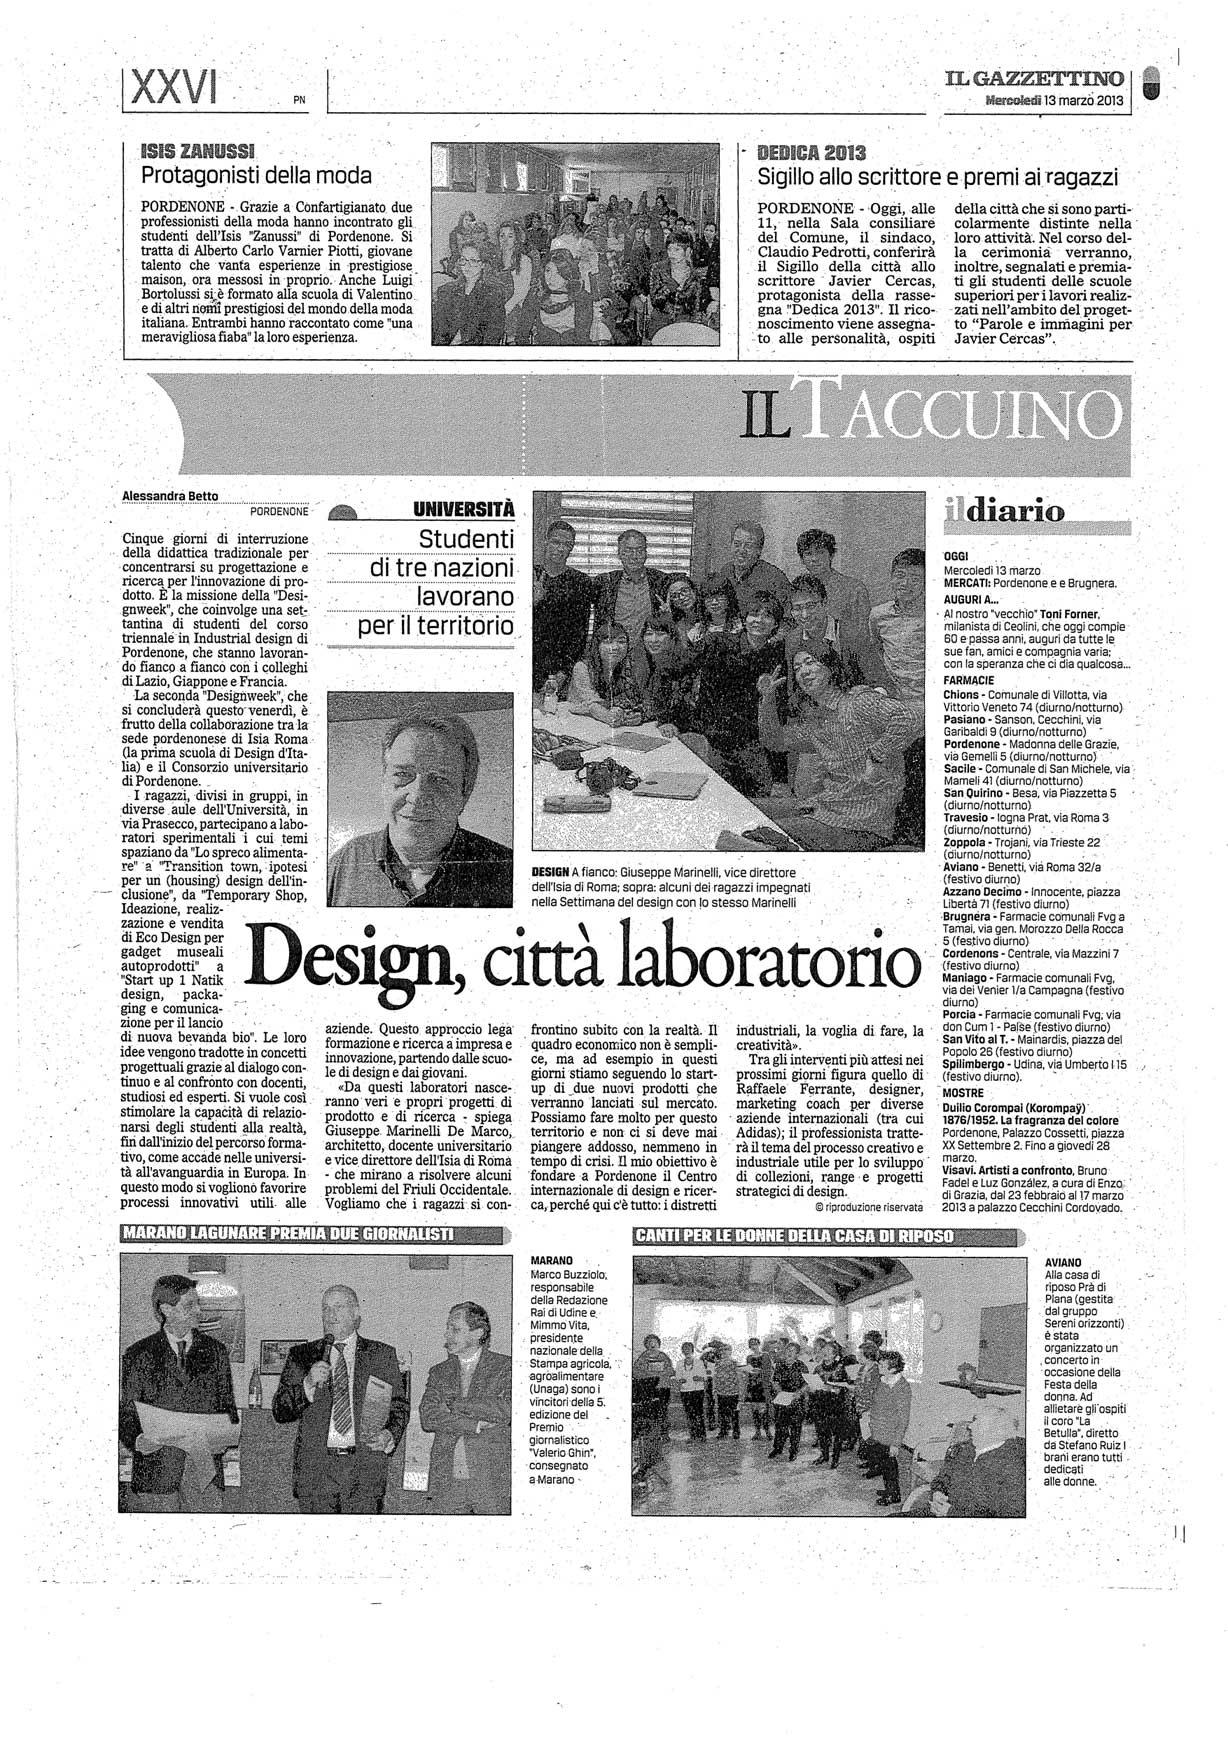 Design, città laboratorio - Il Gazzettino 13/03/2013Design